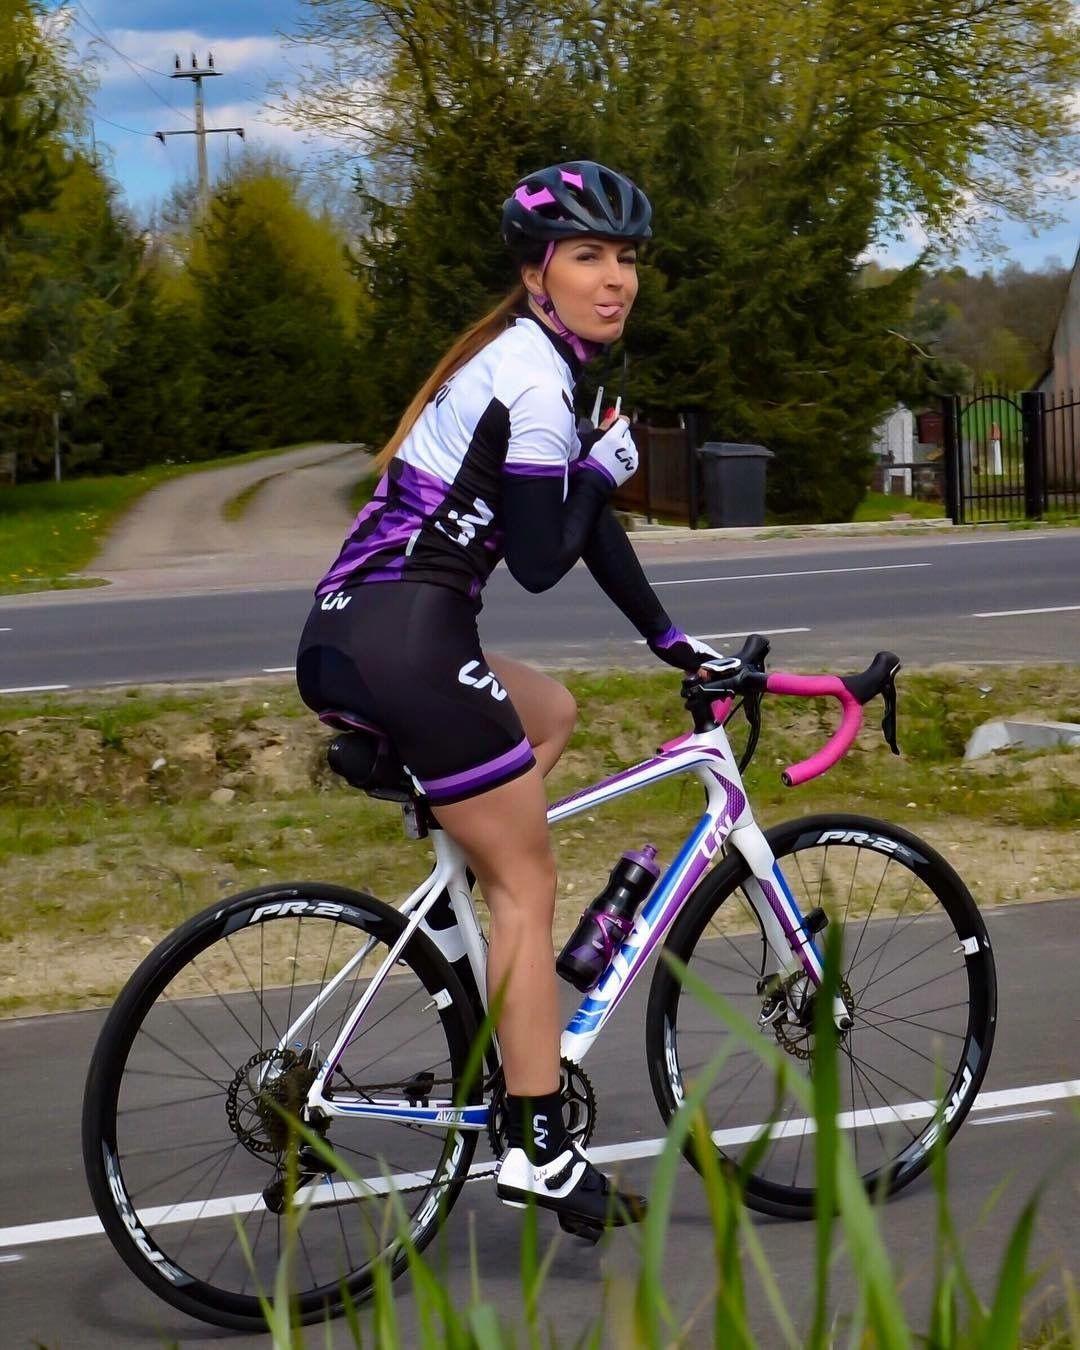 Pin On Biking Babes